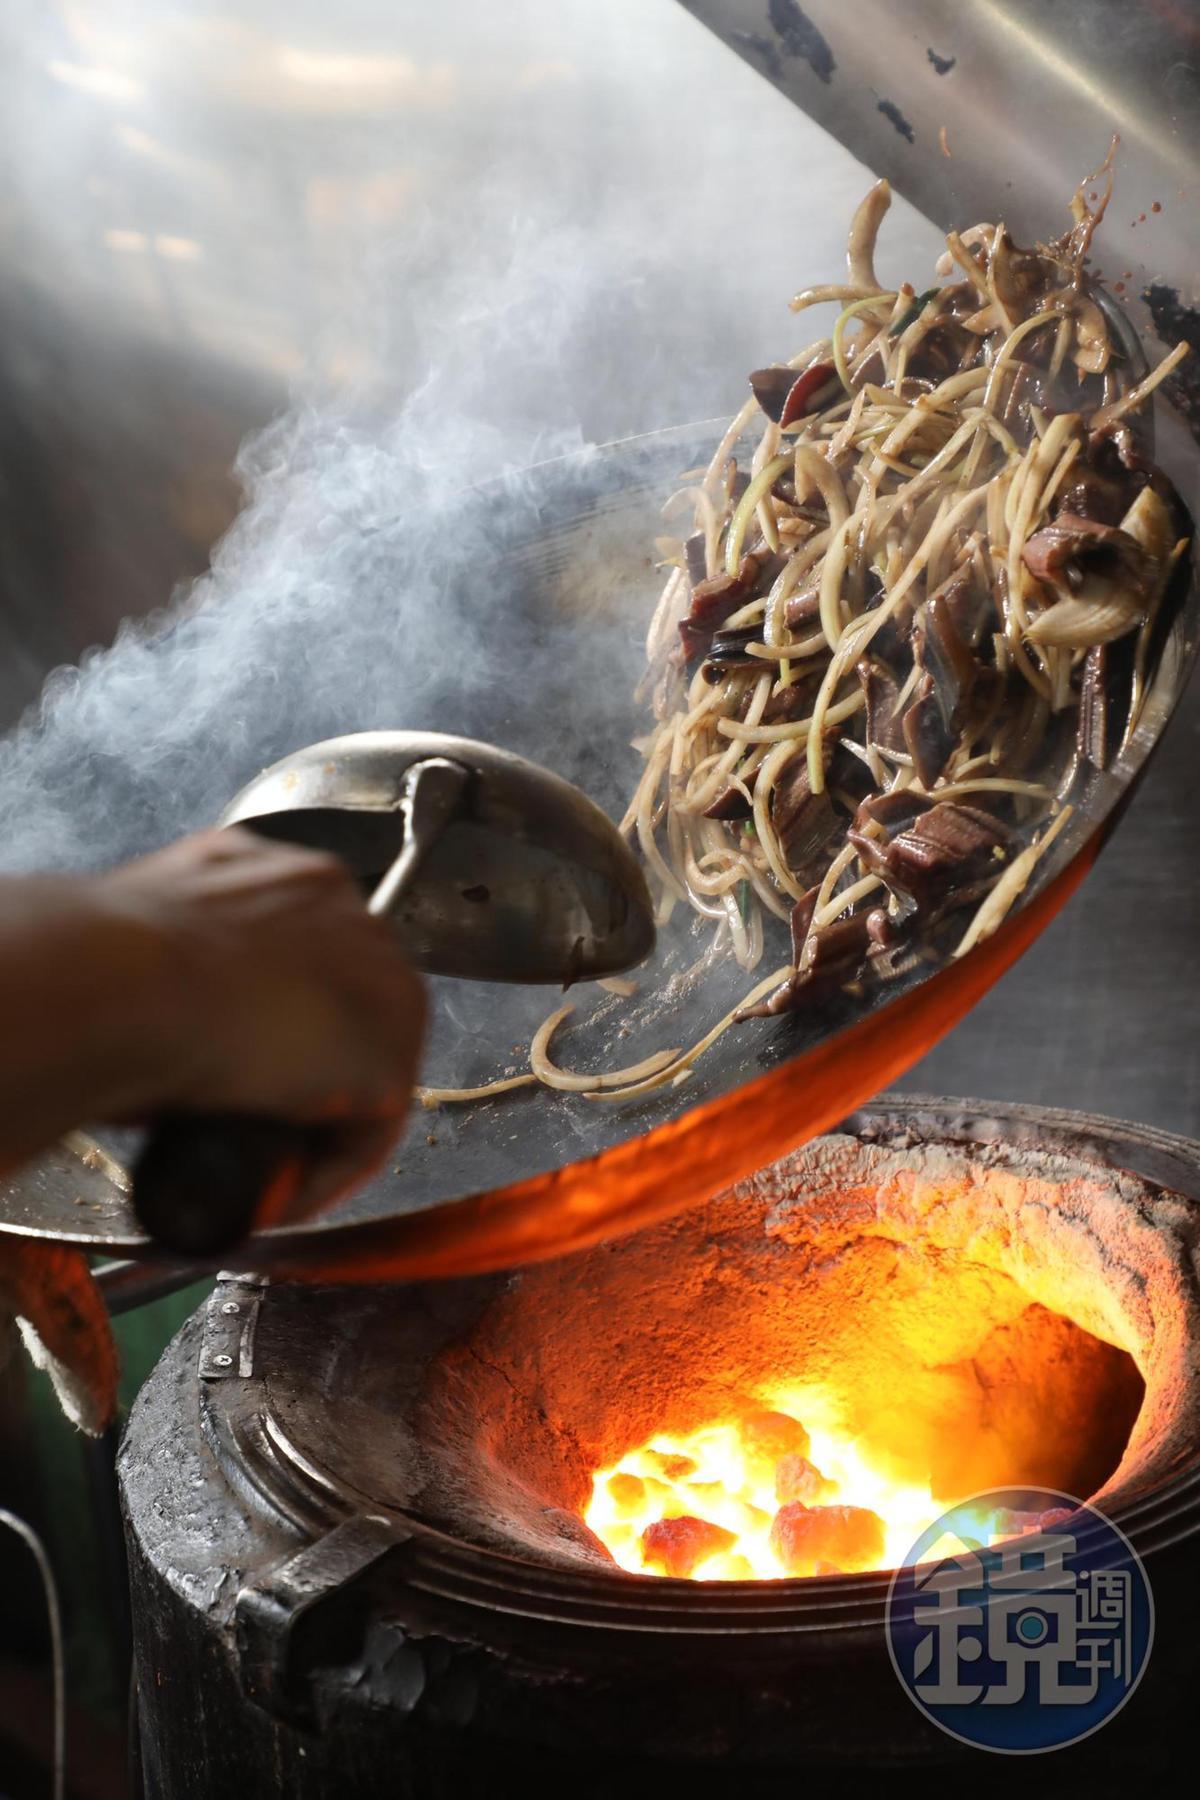 「炒鱔魚麵」的魚肉彈脆、帶有鍋氣,麵條炒得乾爽,吸附洋蔥和高湯的甜味。(90元/份)